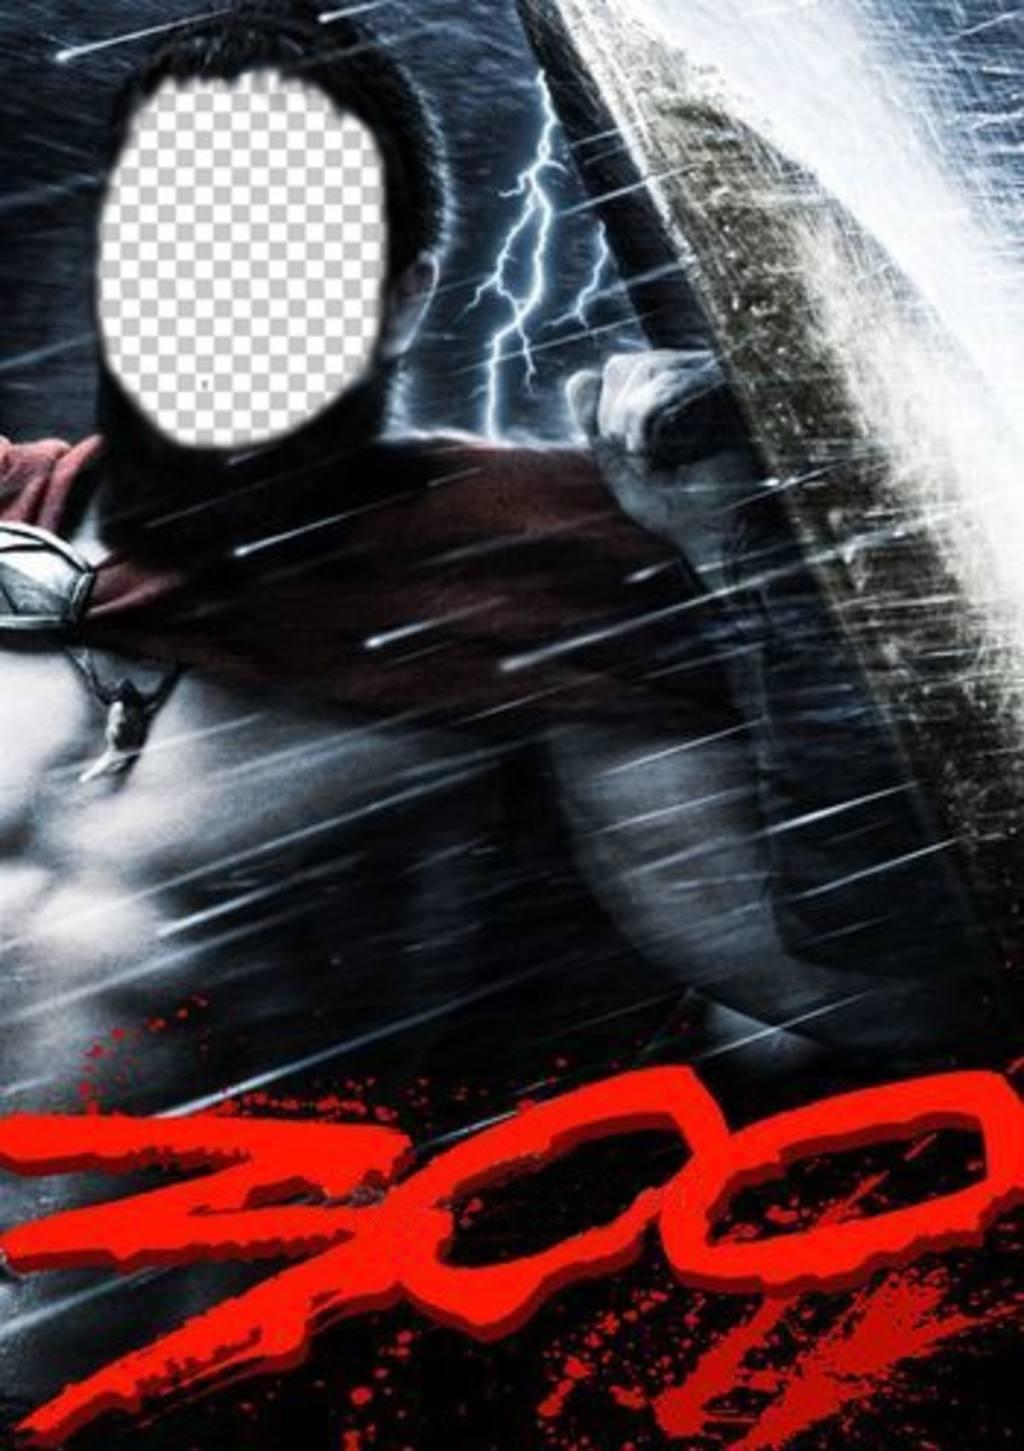 Fotomontage Teil der Gladiatoren Filmplakat 300